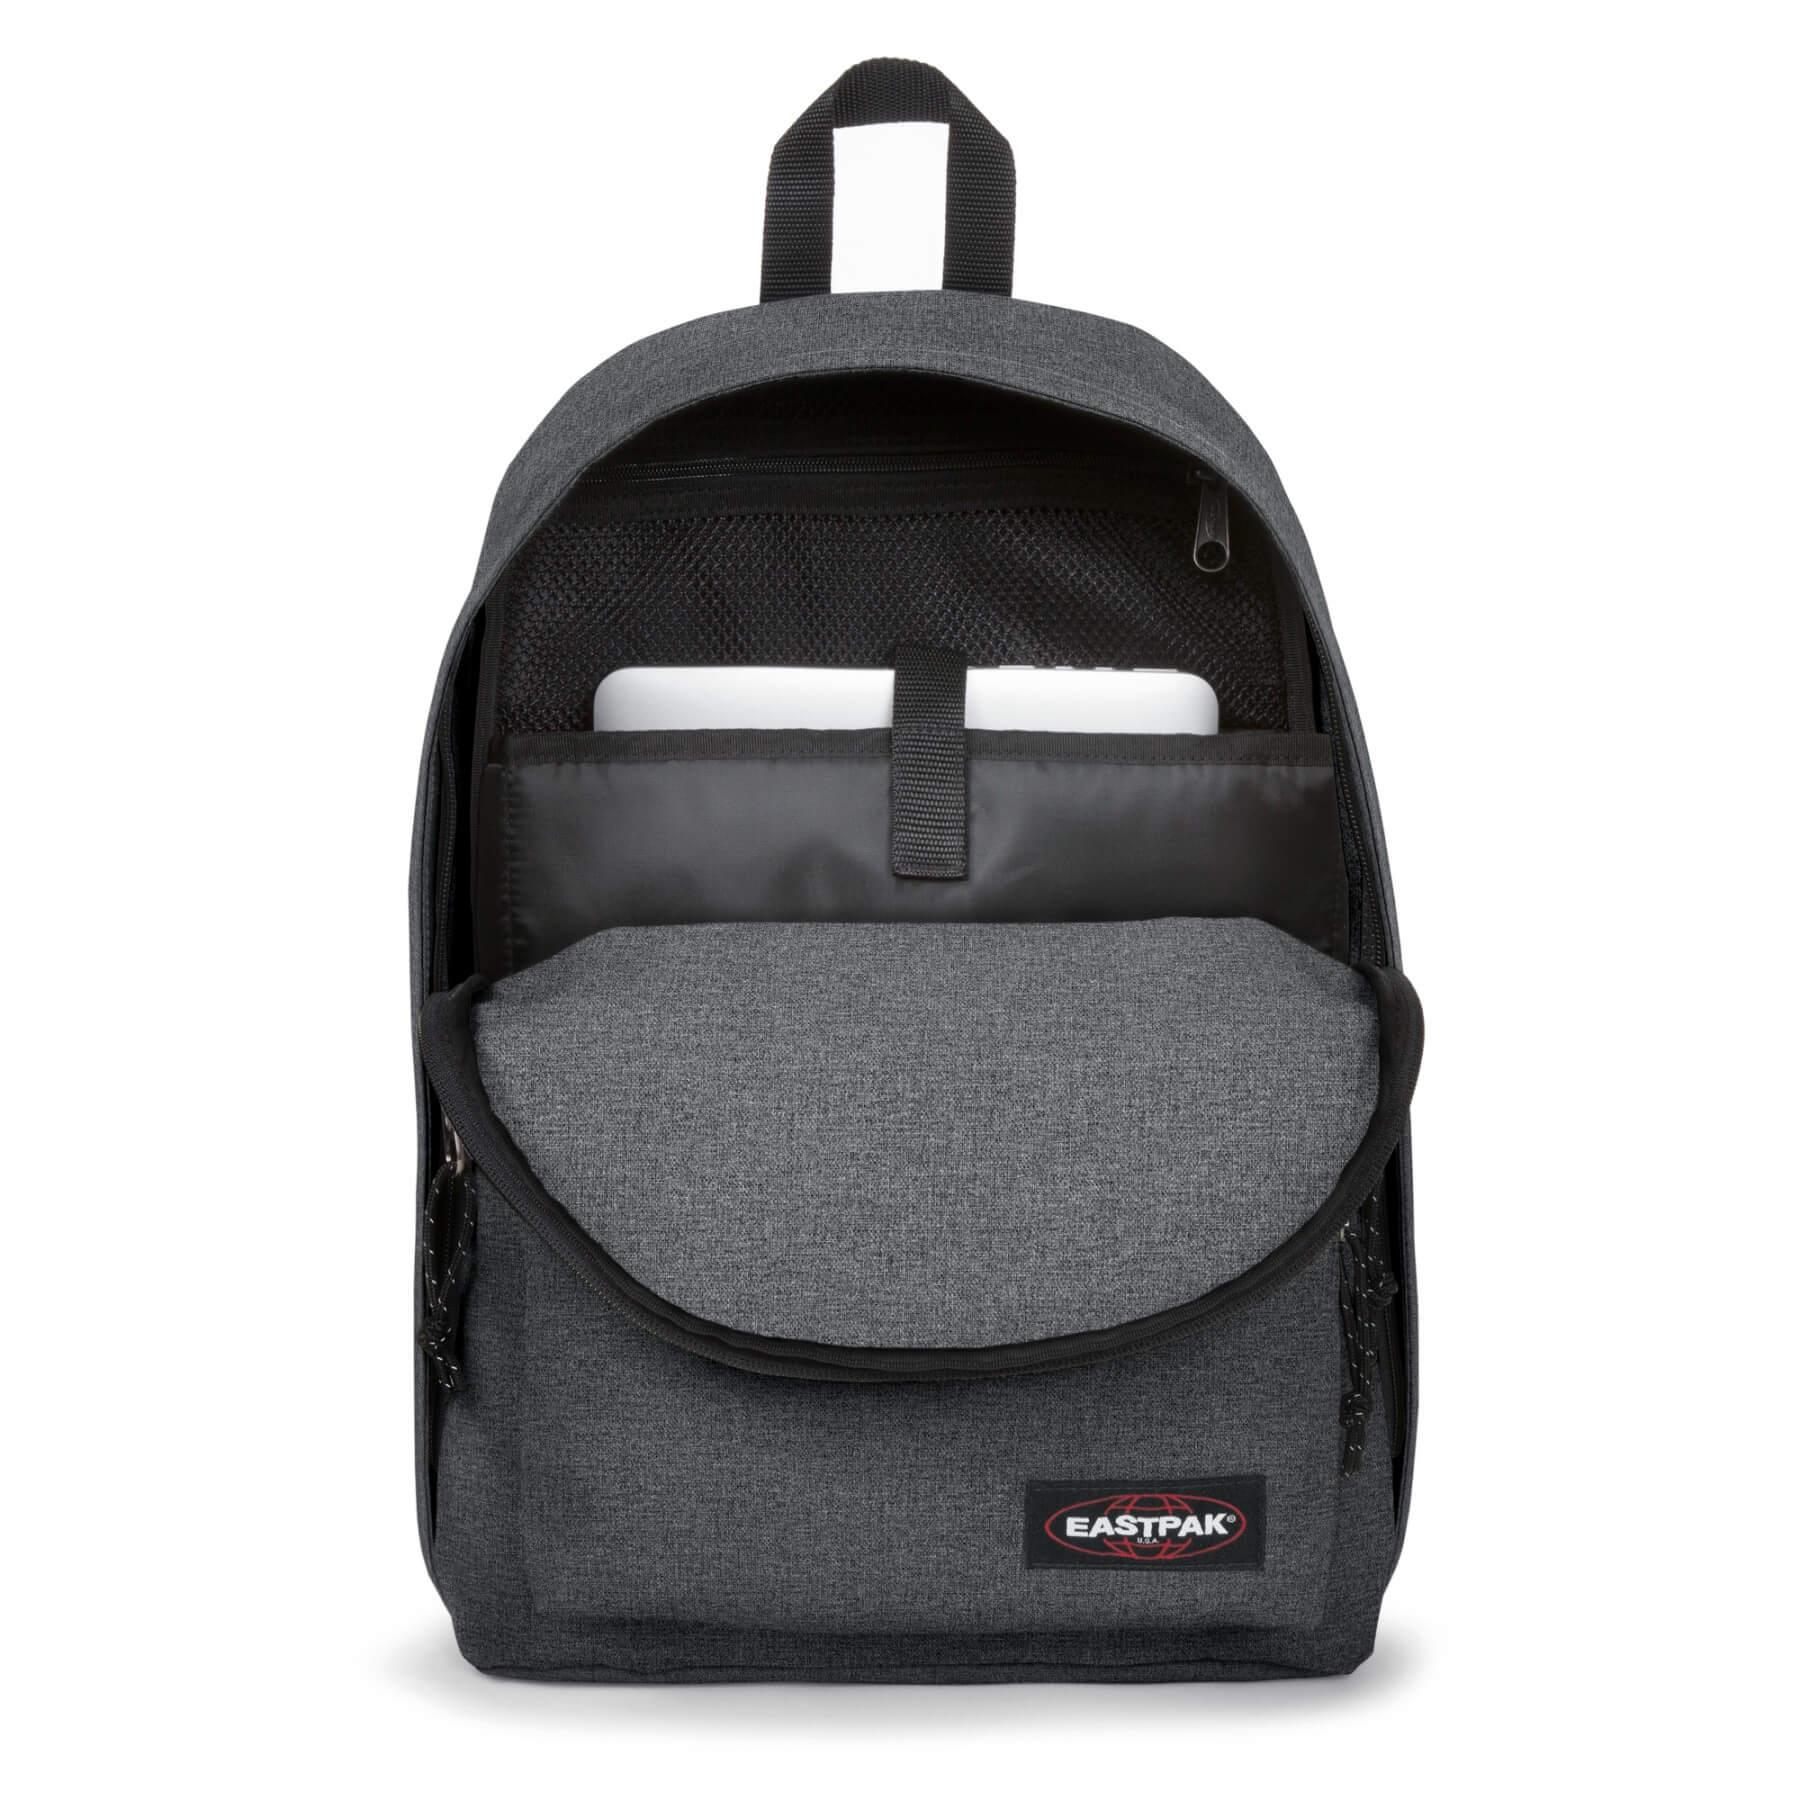 FJ/ÄLLR/ÄVEN Backpack Kanken 16 Liter synth/étique